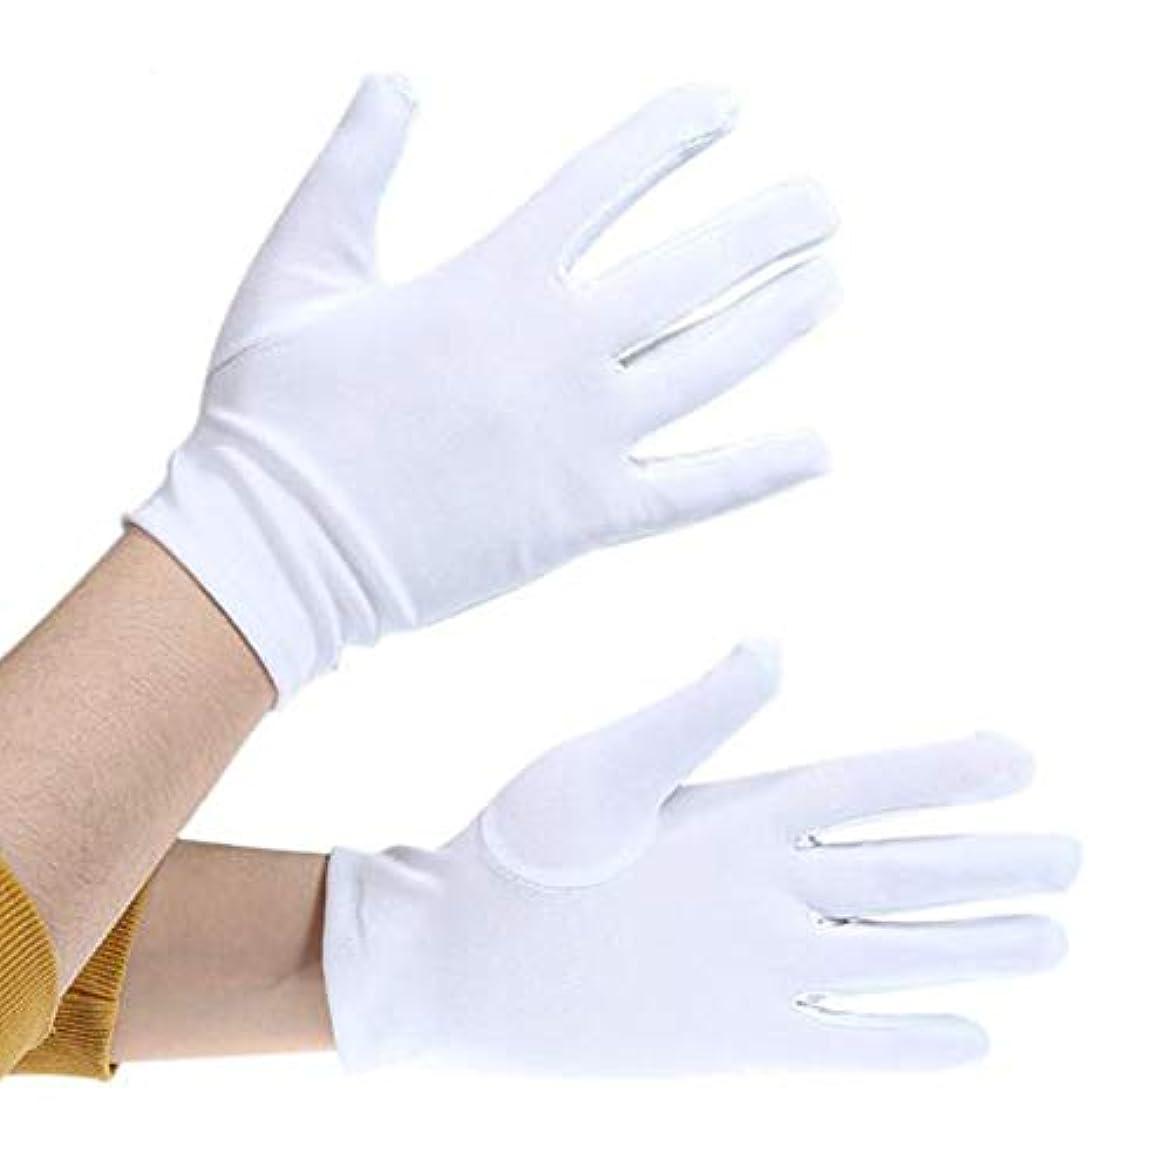 花輪編集者終了しました白手袋薄 礼装用 ジュエリーグローブ時計 貴金属 宝石 接客用 品質管理用 作業用手ぶくろ,保護着用者